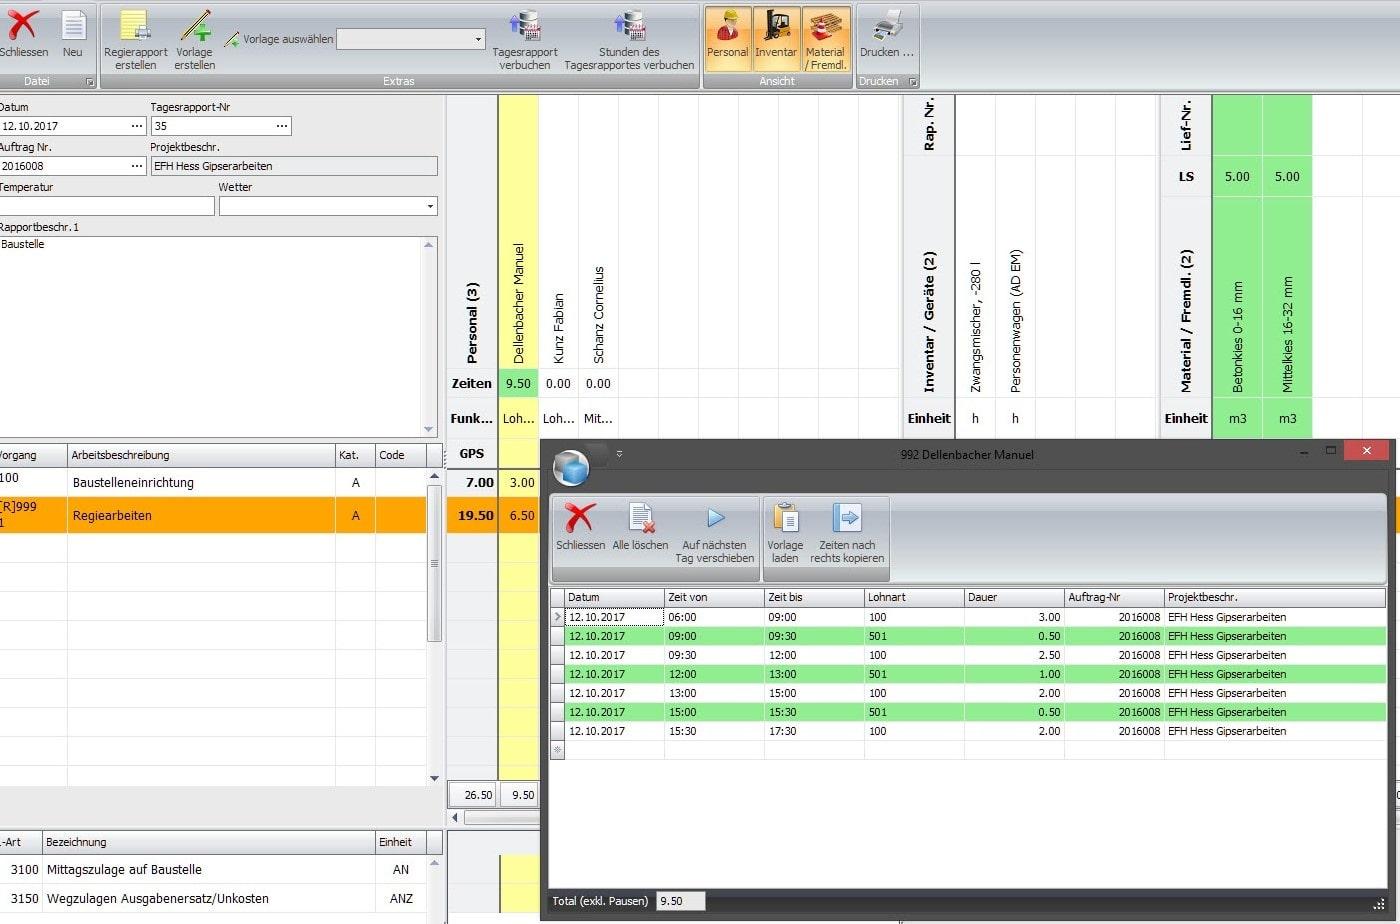 ArbeitszeitErfassung_Section_5.jpg